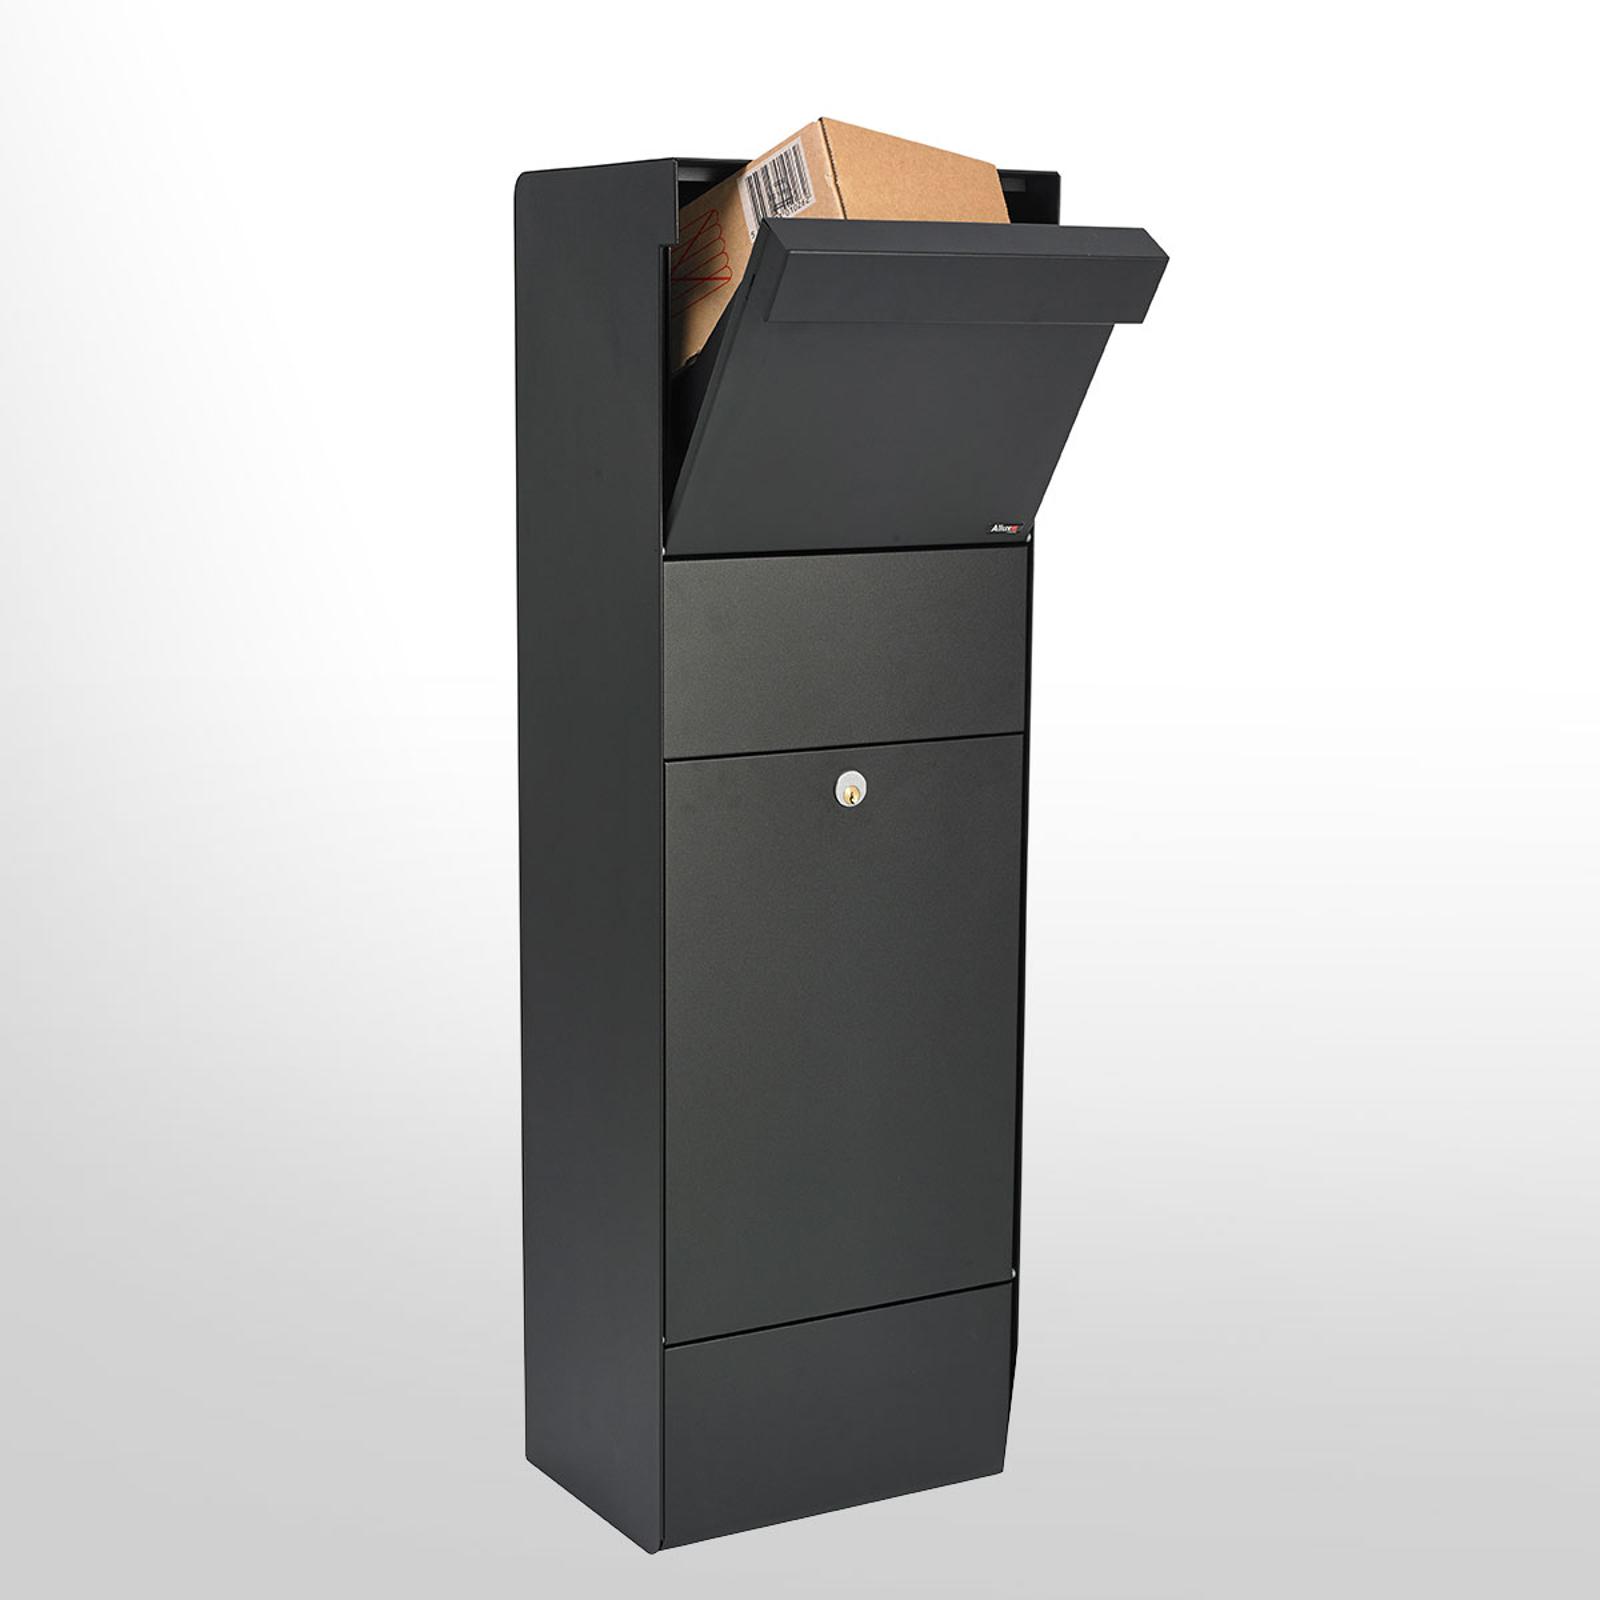 Schránka na listy a balíky Základný tvar Parcel_1045215_1